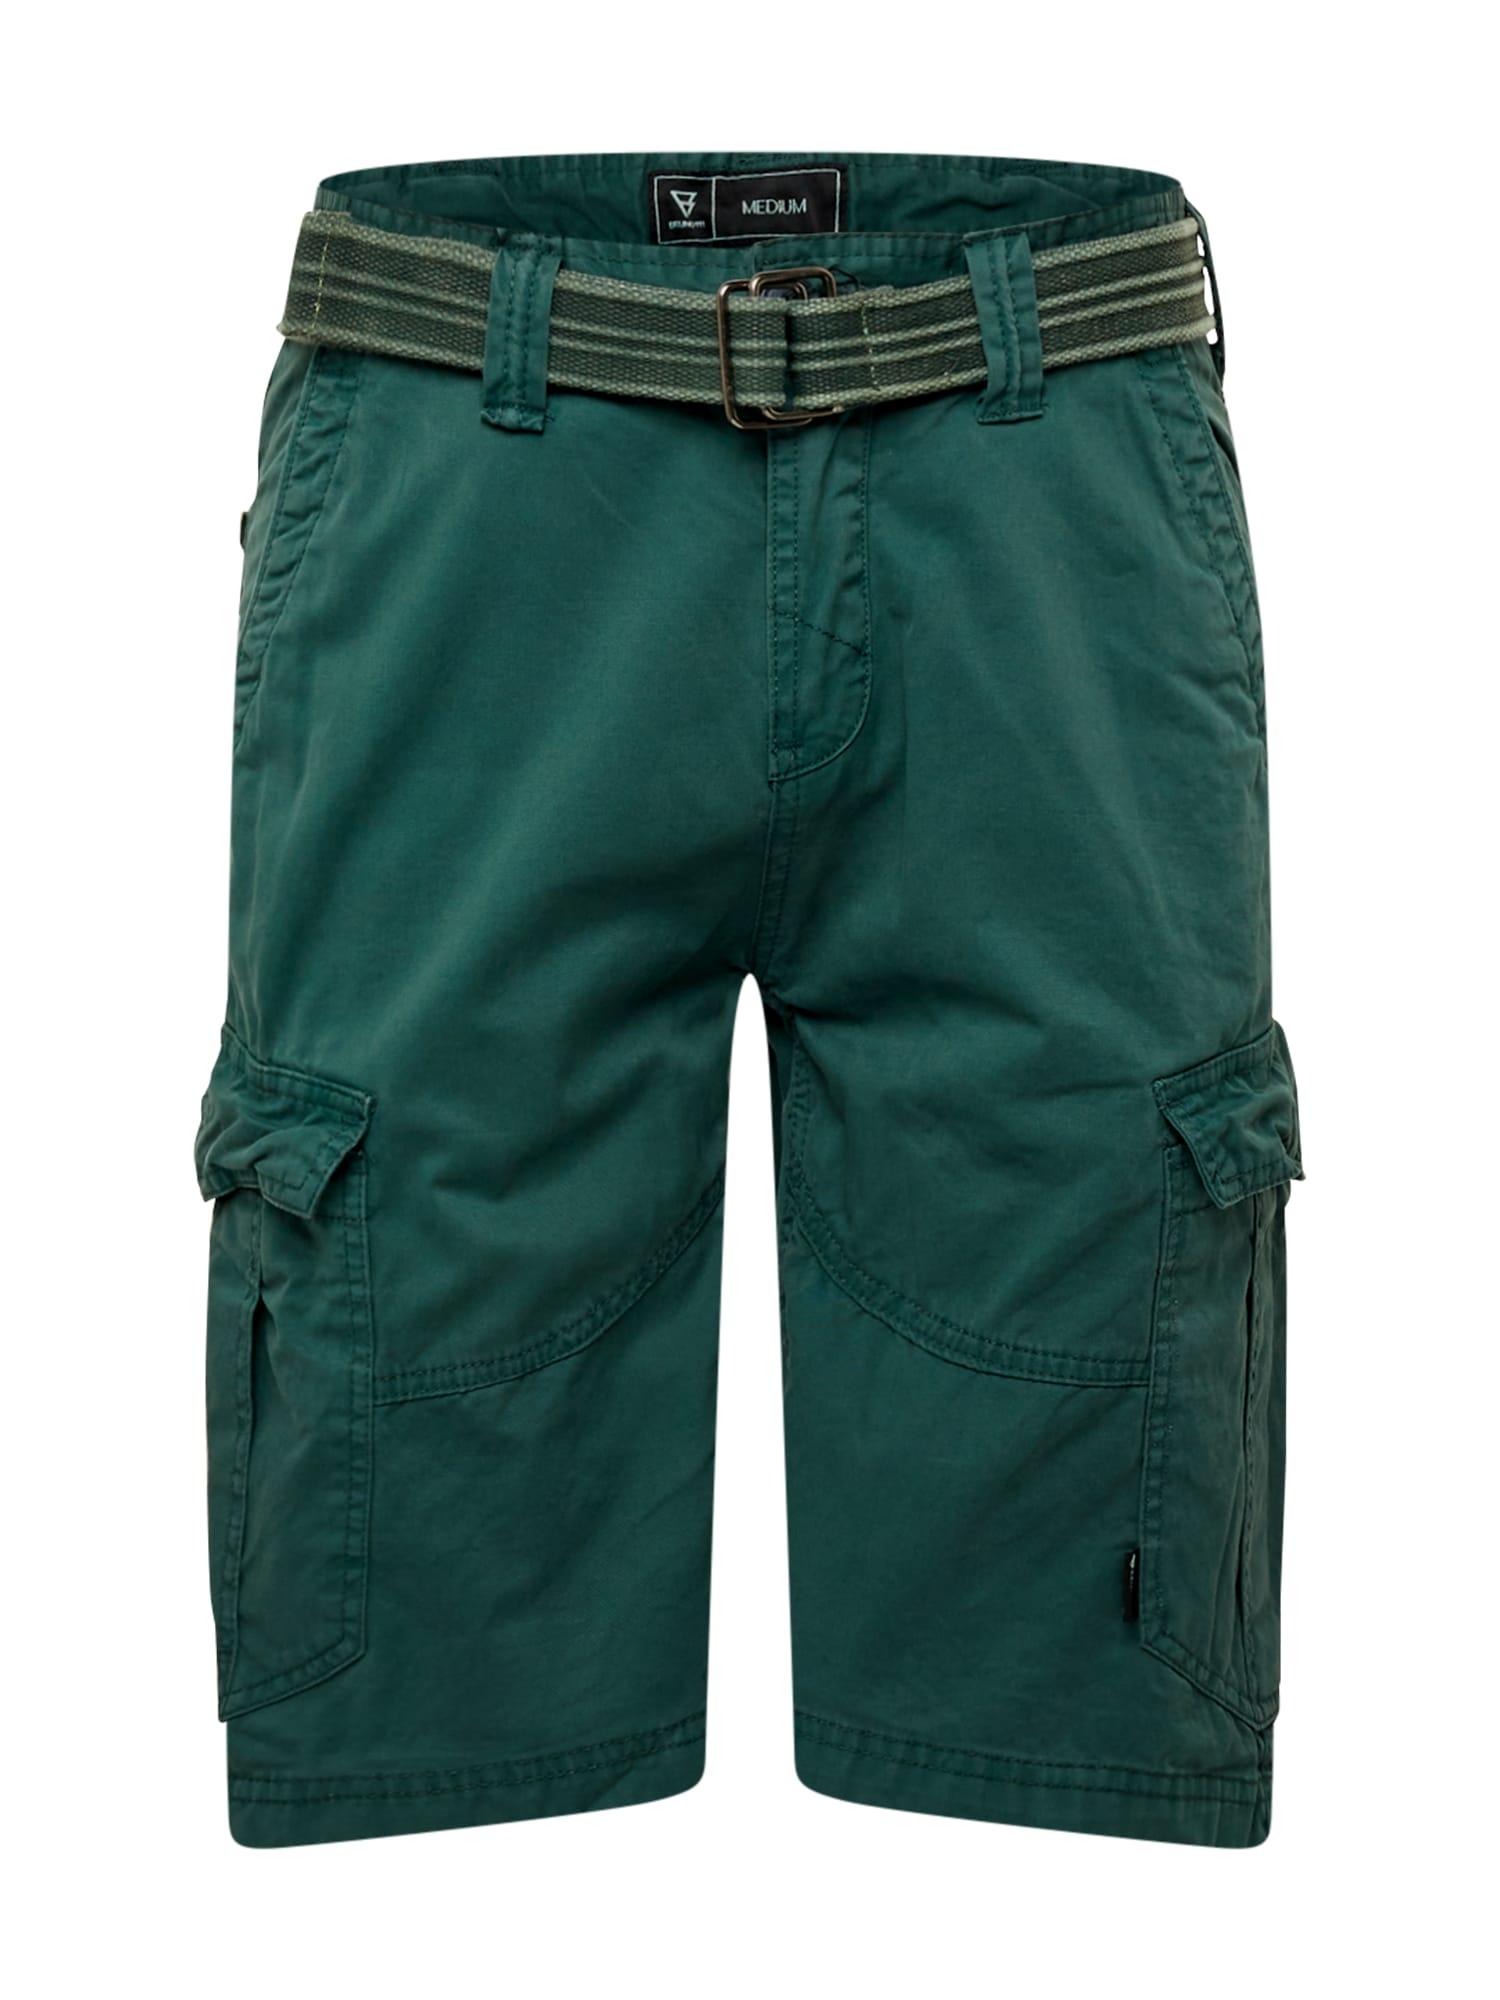 BRUNOTTI Laisvo stiliaus kelnės tamsiai žalia